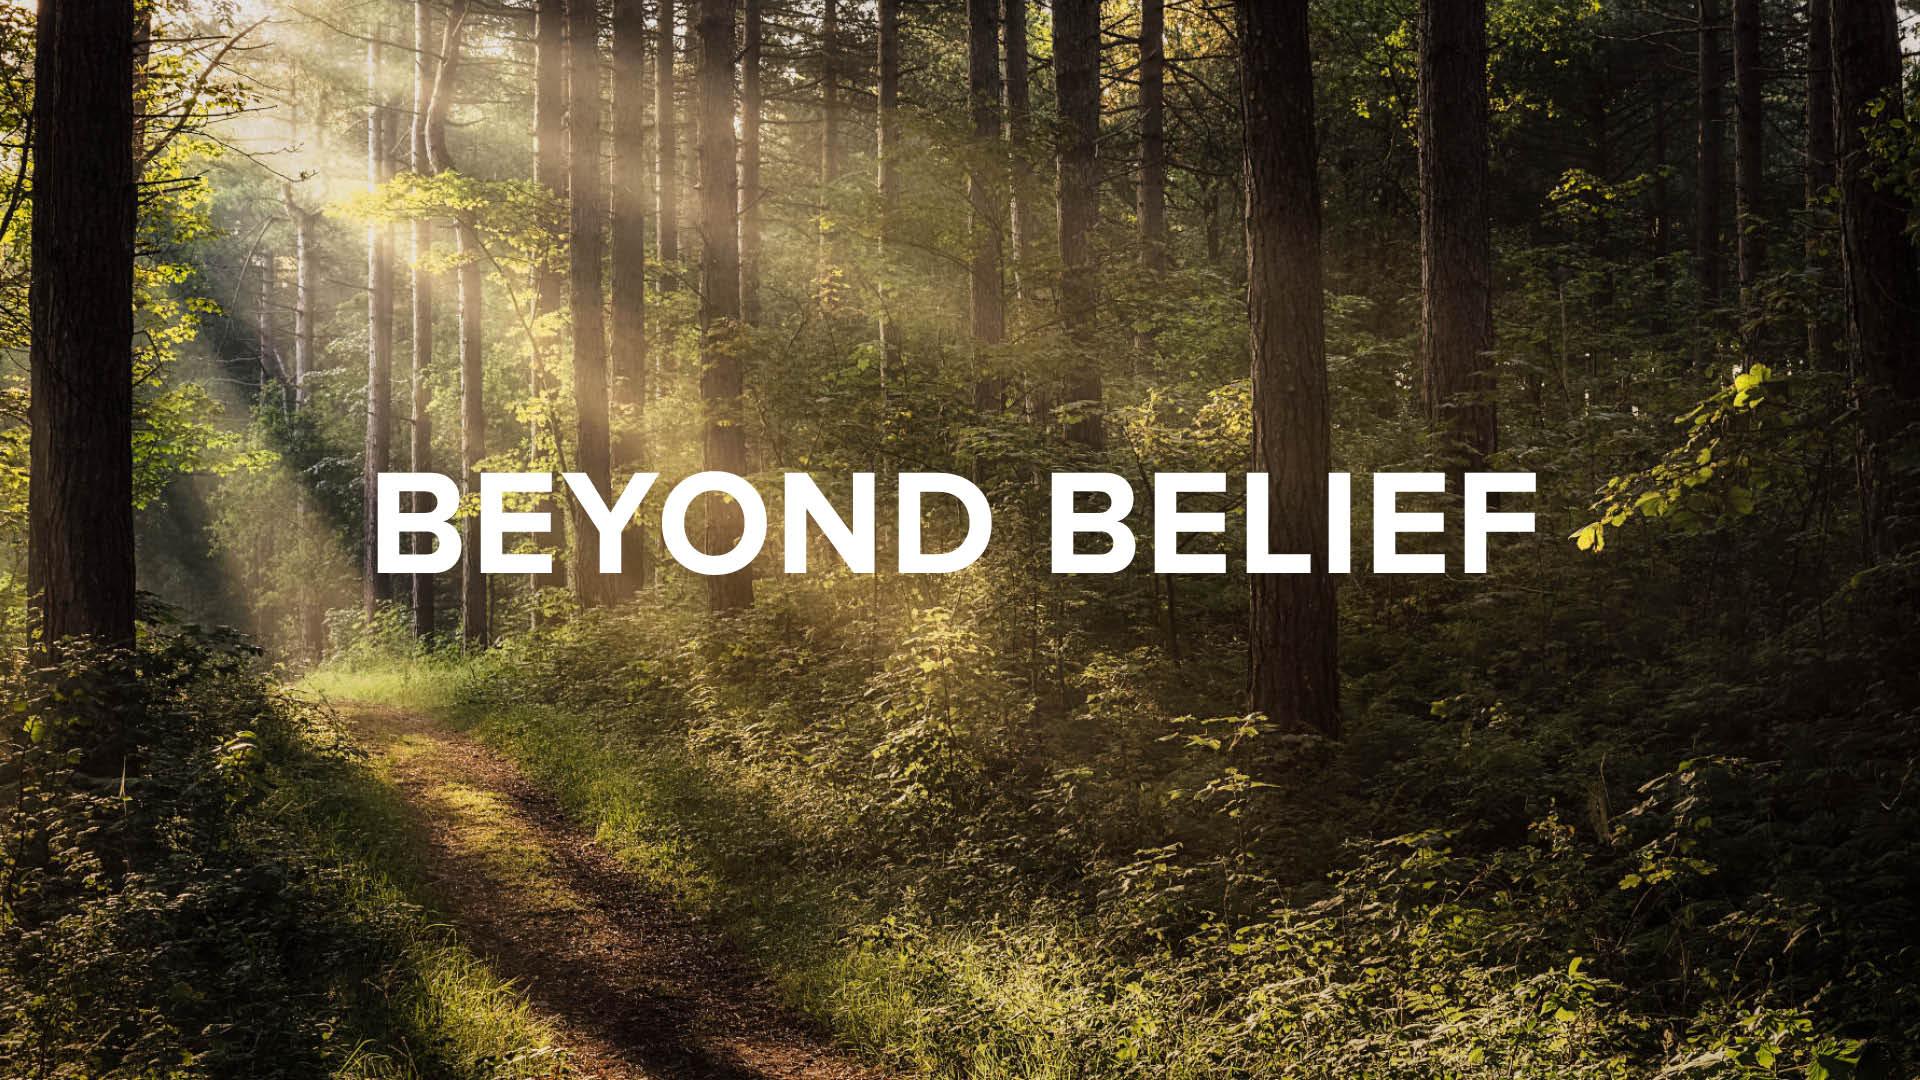 Beyond_Belief_Banner.jpg